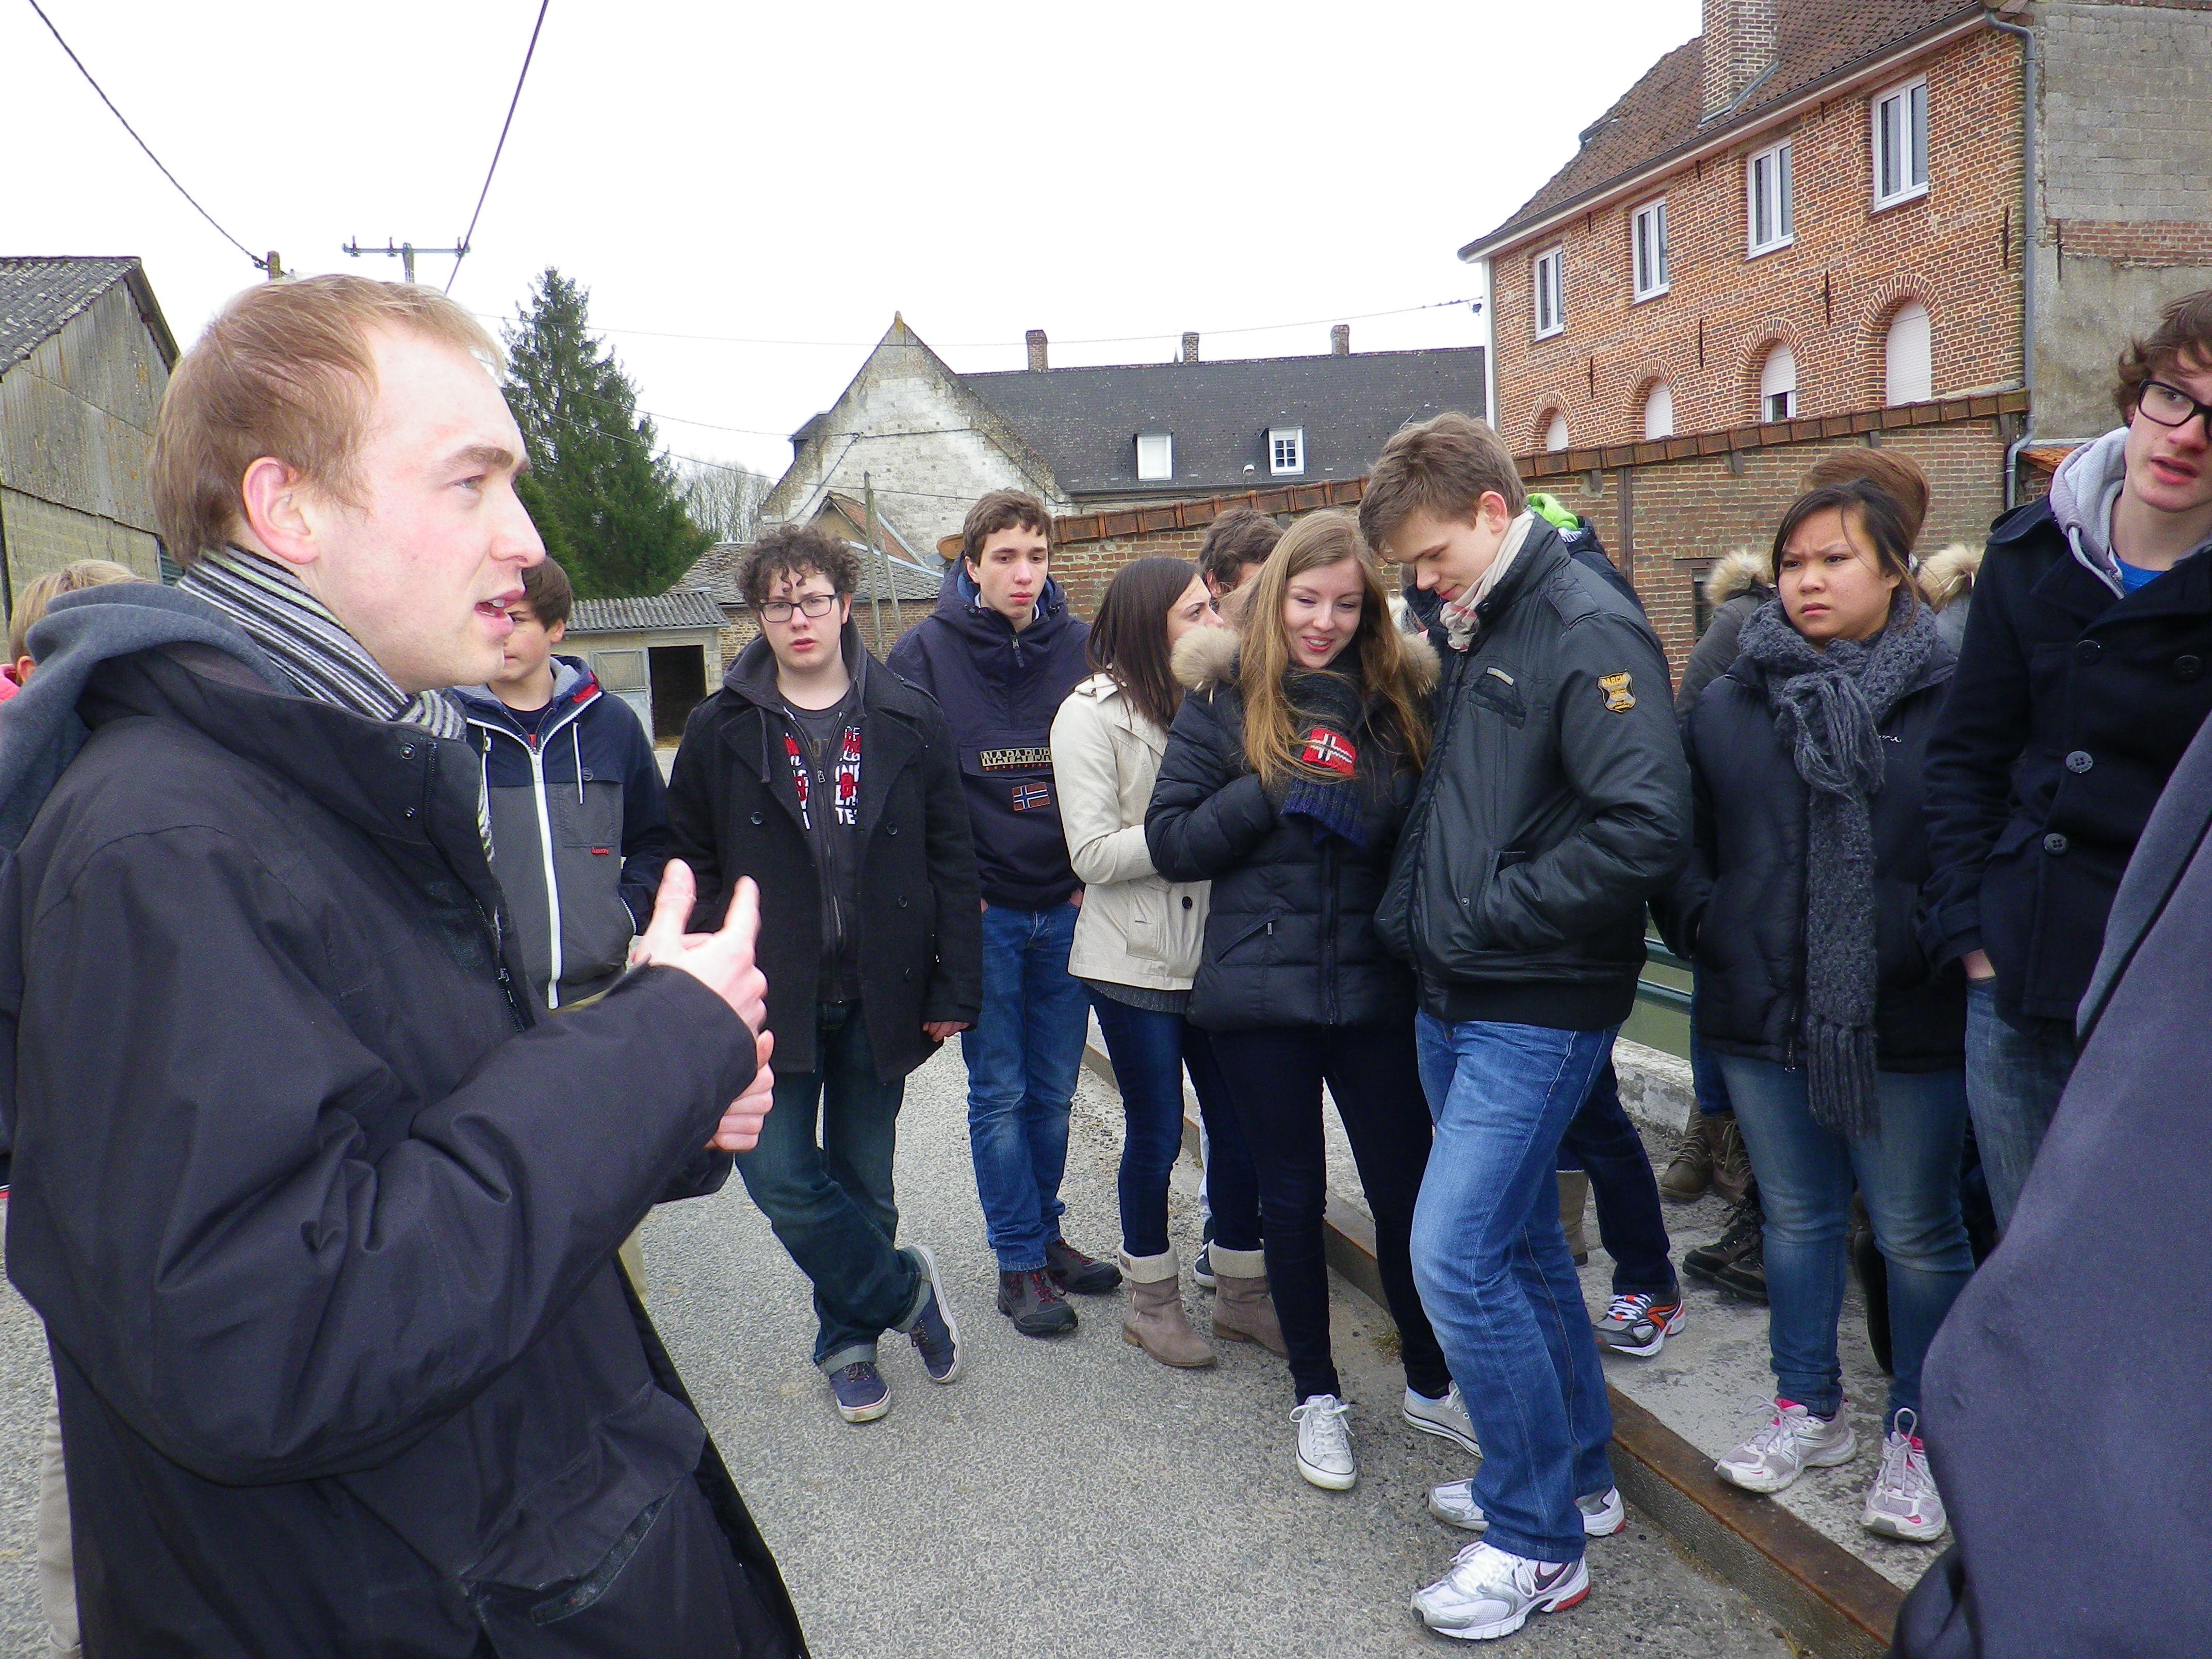 Christophe fait visiter le village de Blangy aux jeunes. Ici devant le moulin sur la Ternoise.